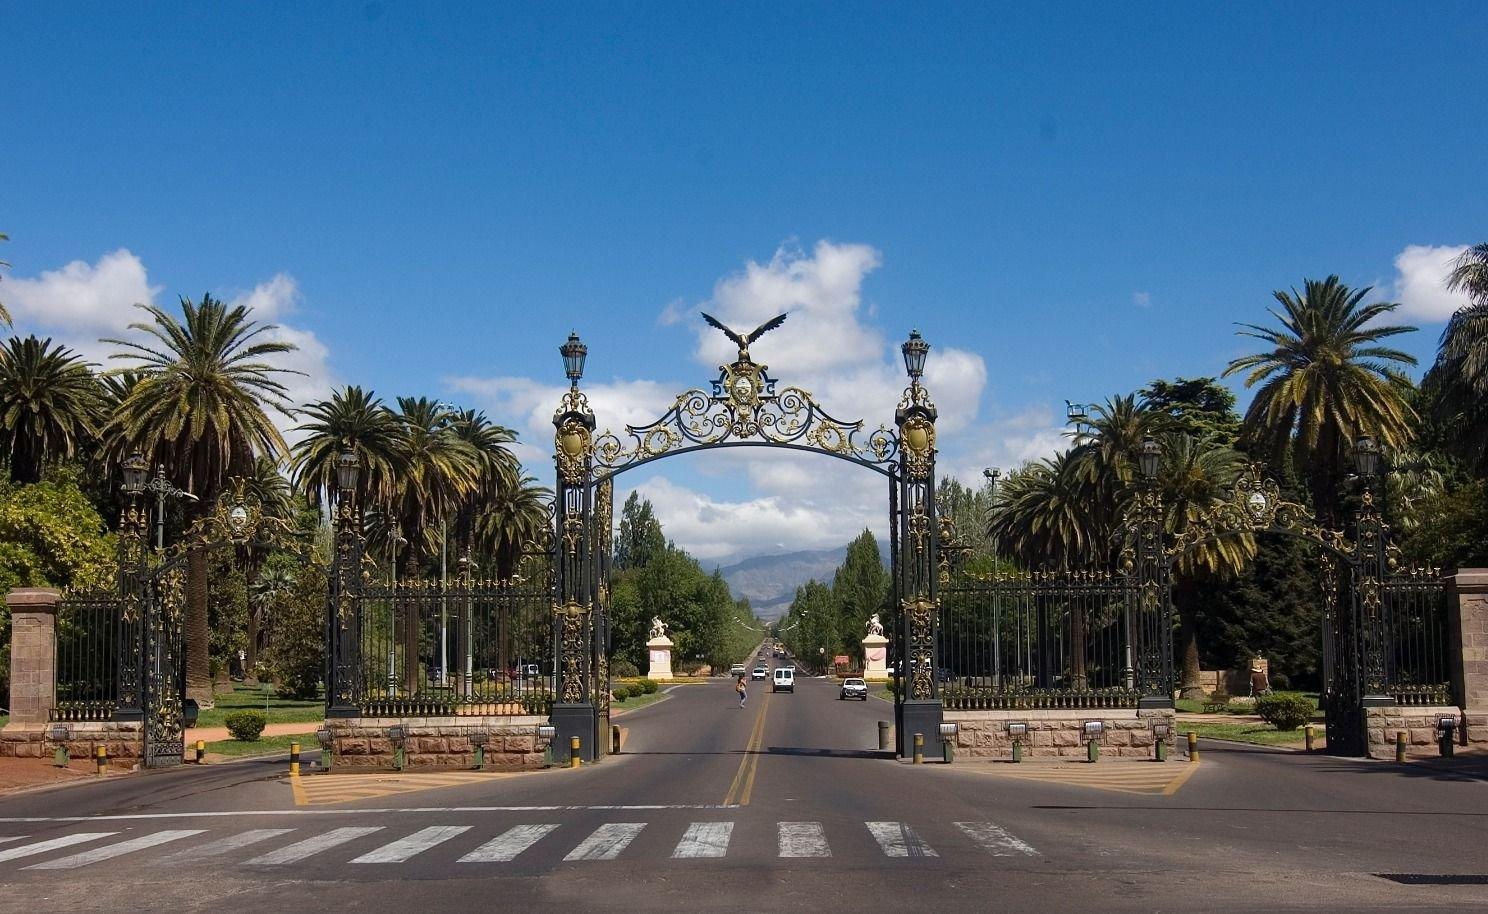 Tiempo en Mendoza: hoy y mañana estará agradable pero se viene un frente frío